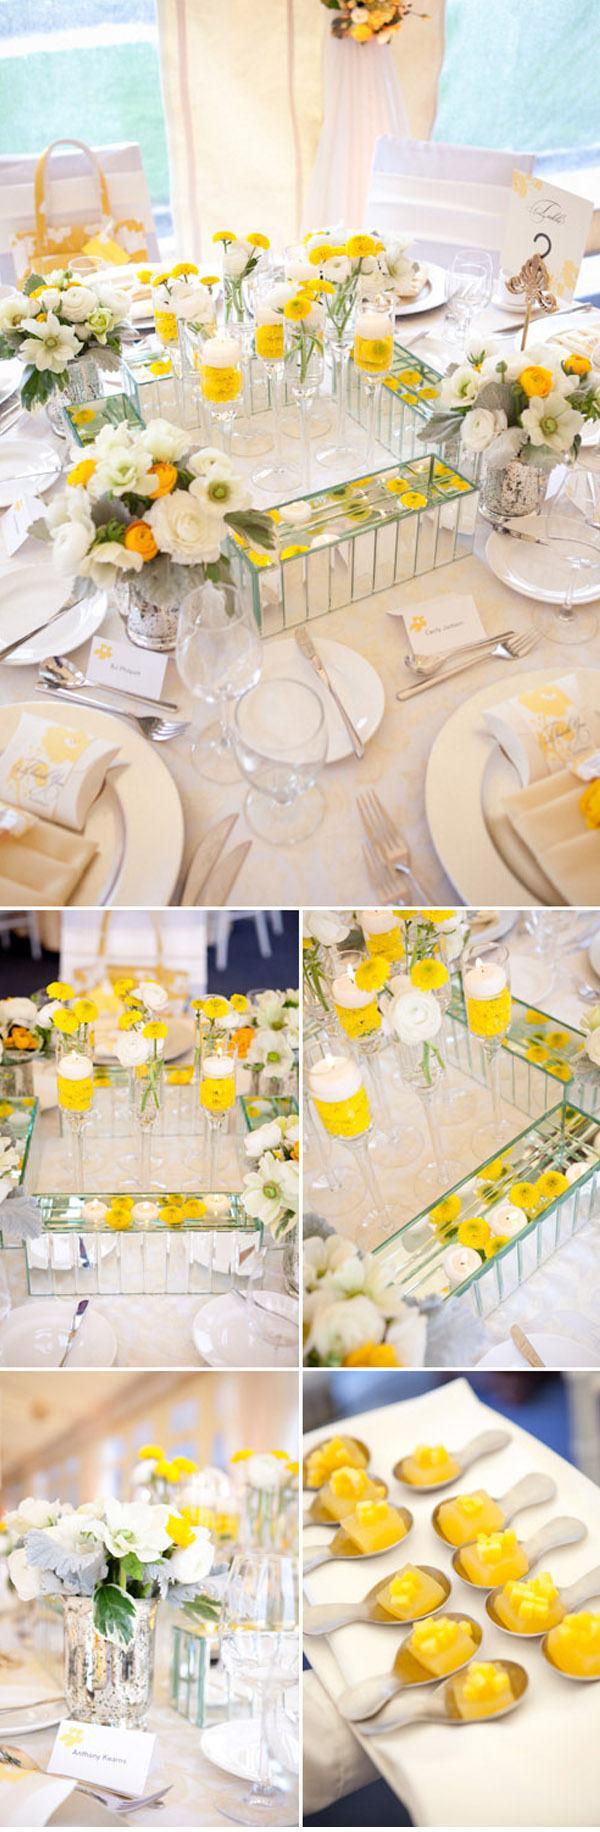 Decoración de mesa en amarillo amarillo_4_600x1832